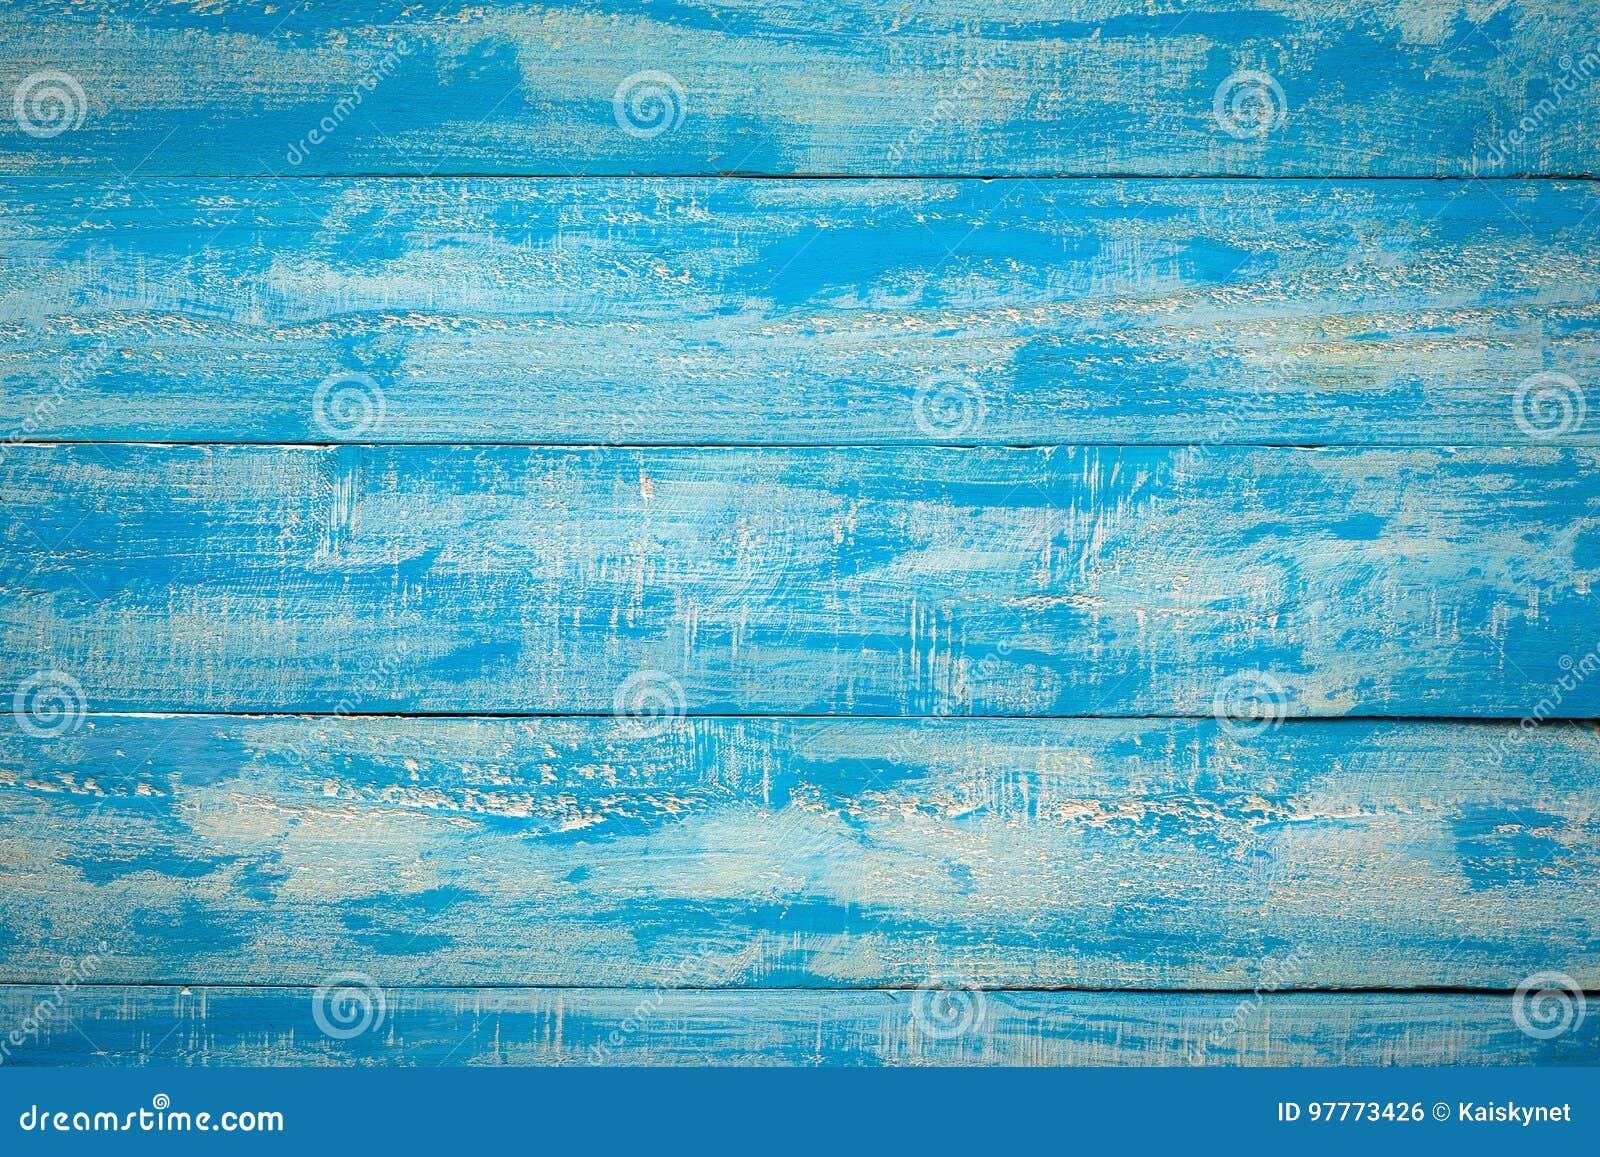 Fondo horizontal lamentable rústico de los listones de madera azules viejos